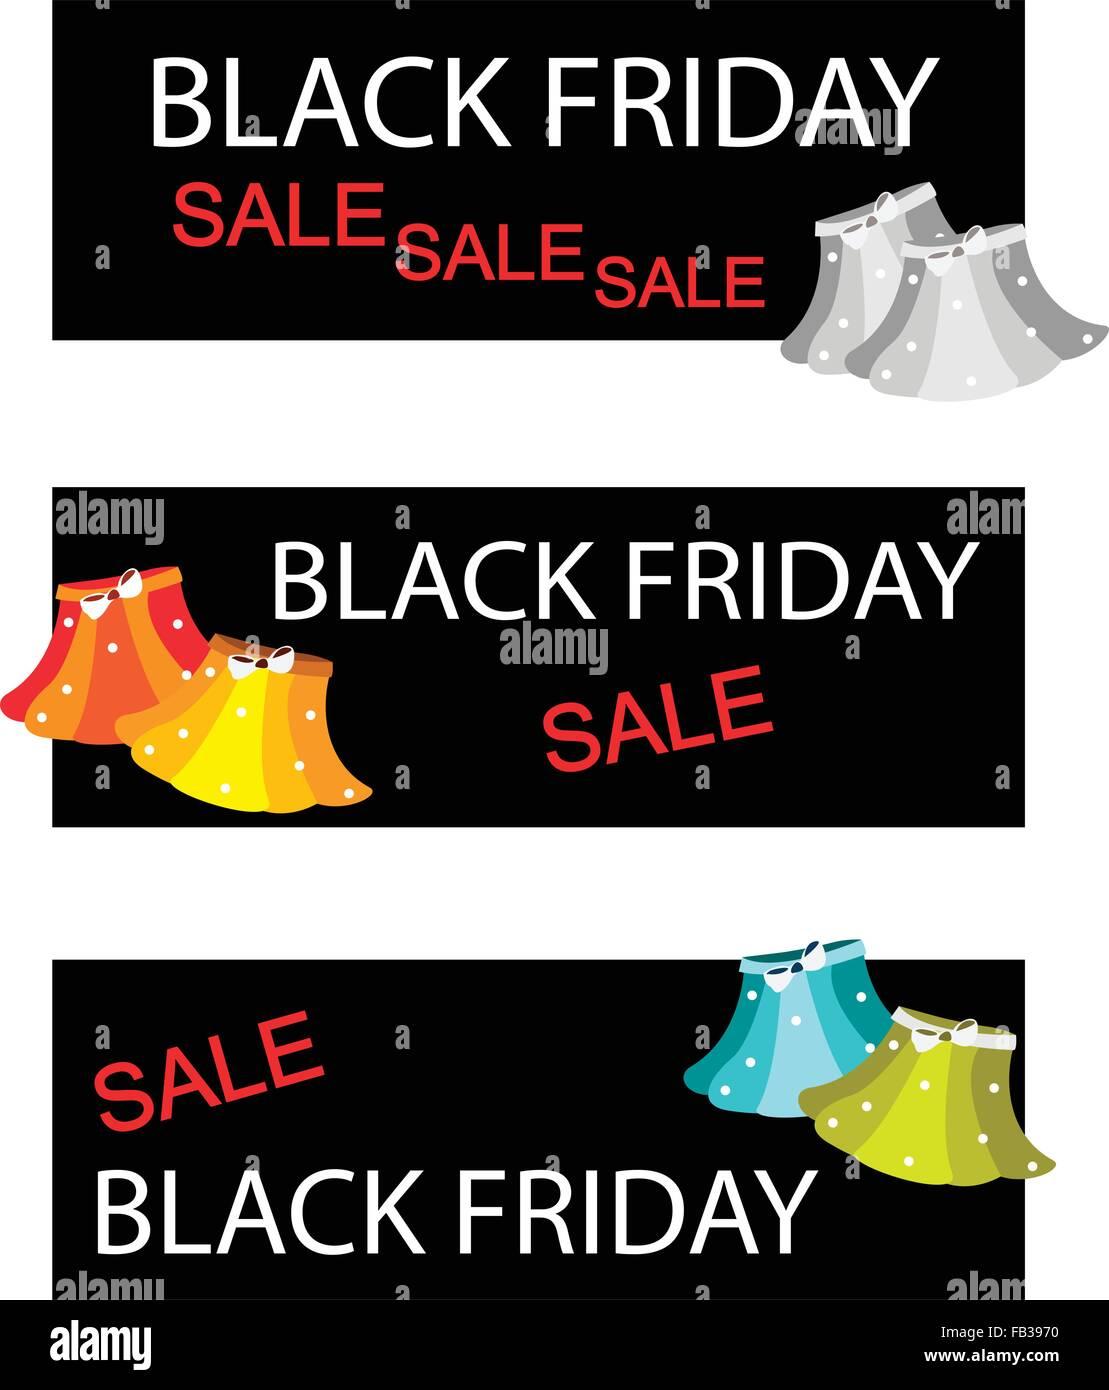 Illustration of Skirts on Black Friday Shopping Labels for Start Christmas Shopping Season. - Stock Vector